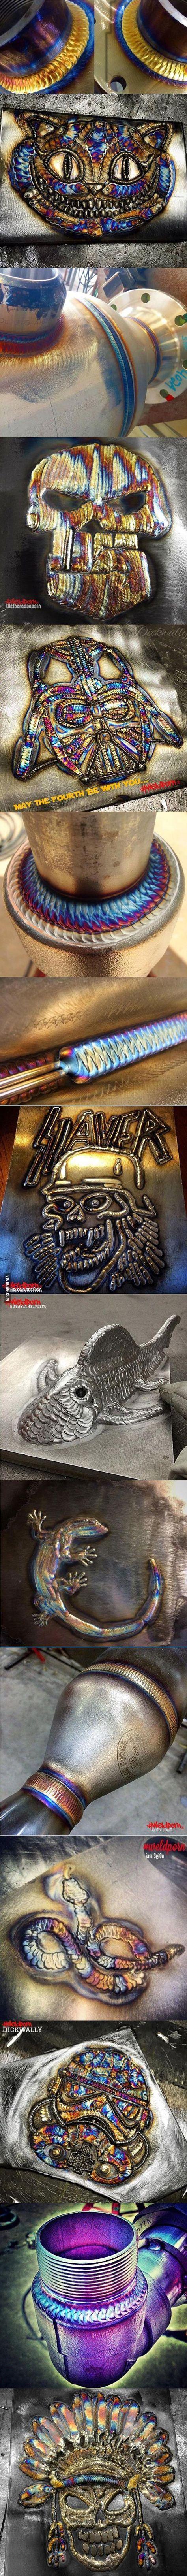 The art of welding